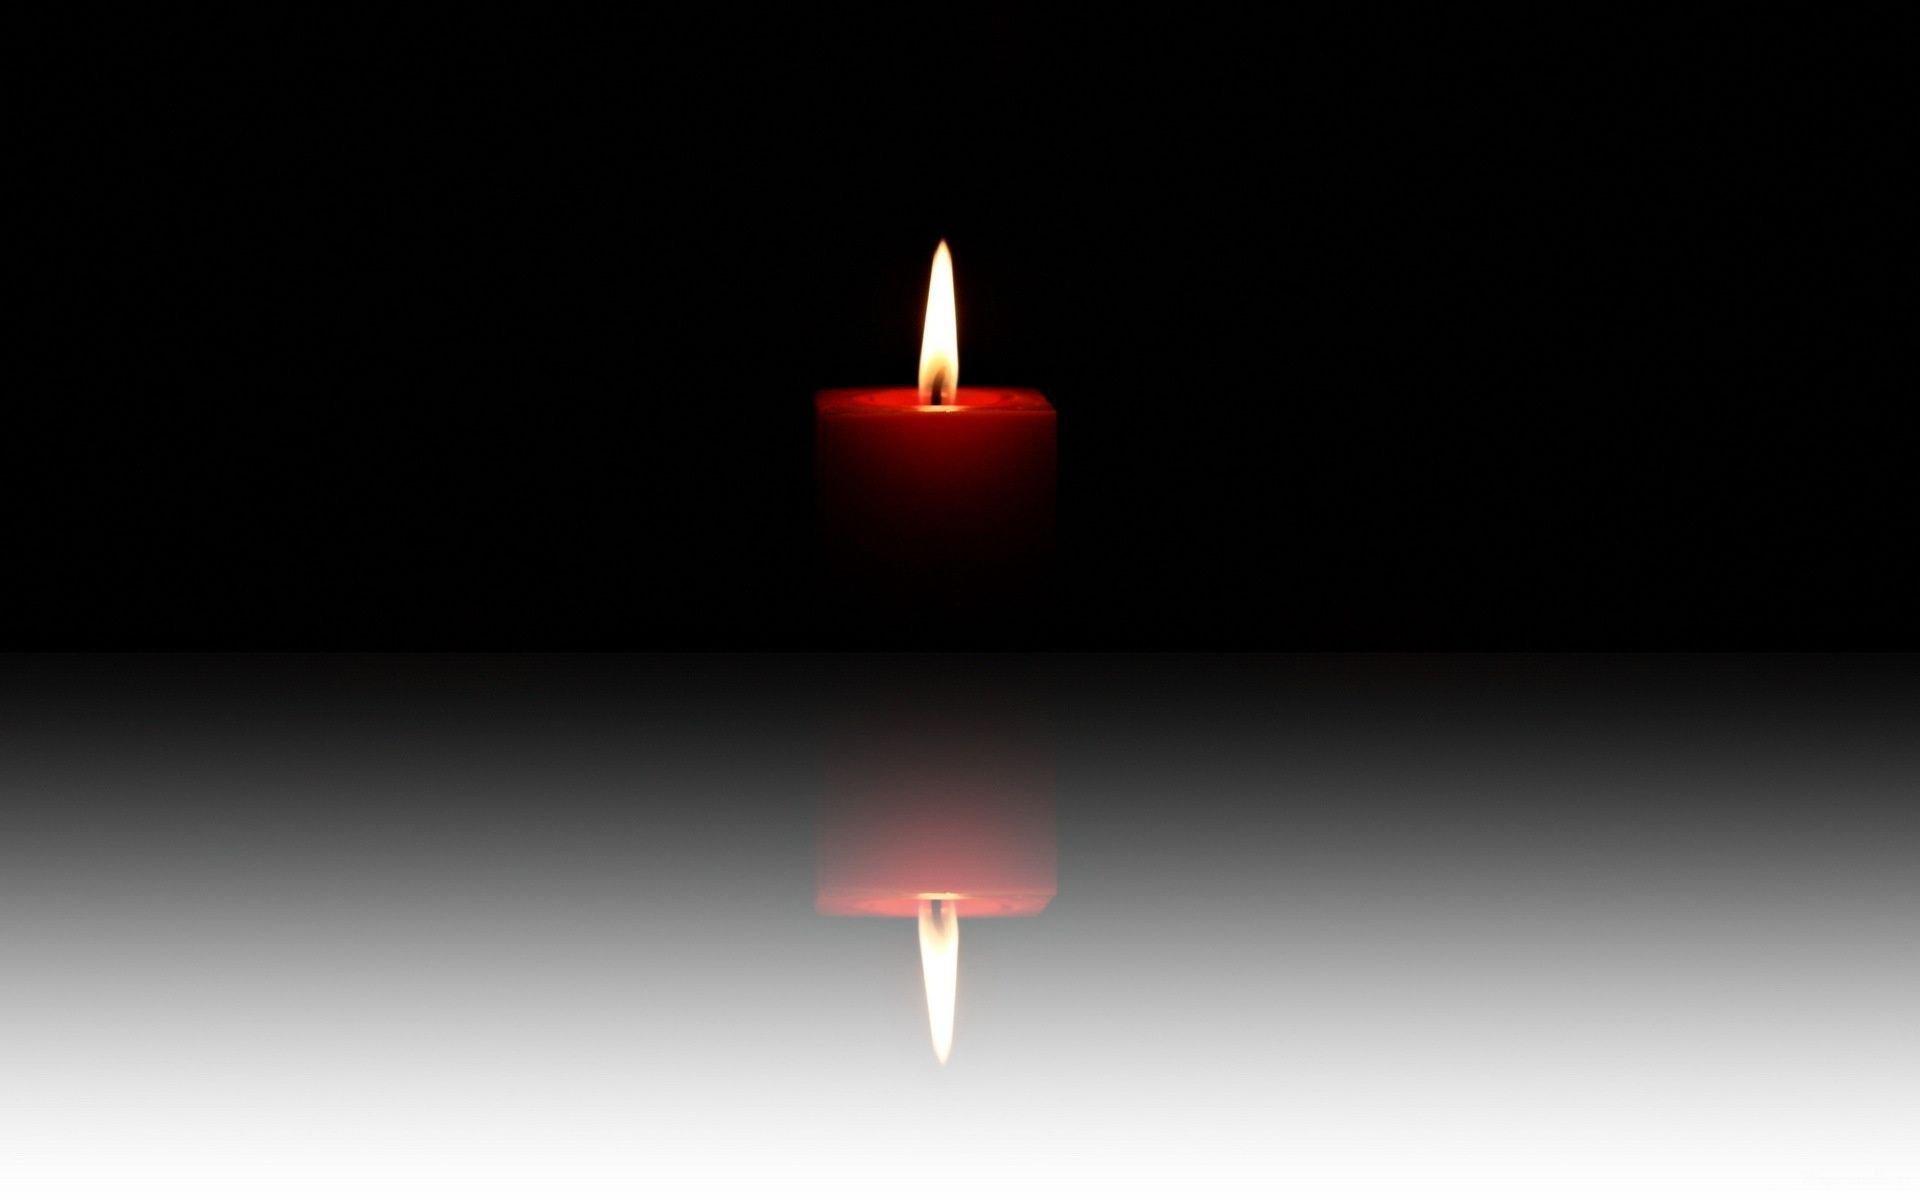 Свеча у девушки между ног фото 0 фотография